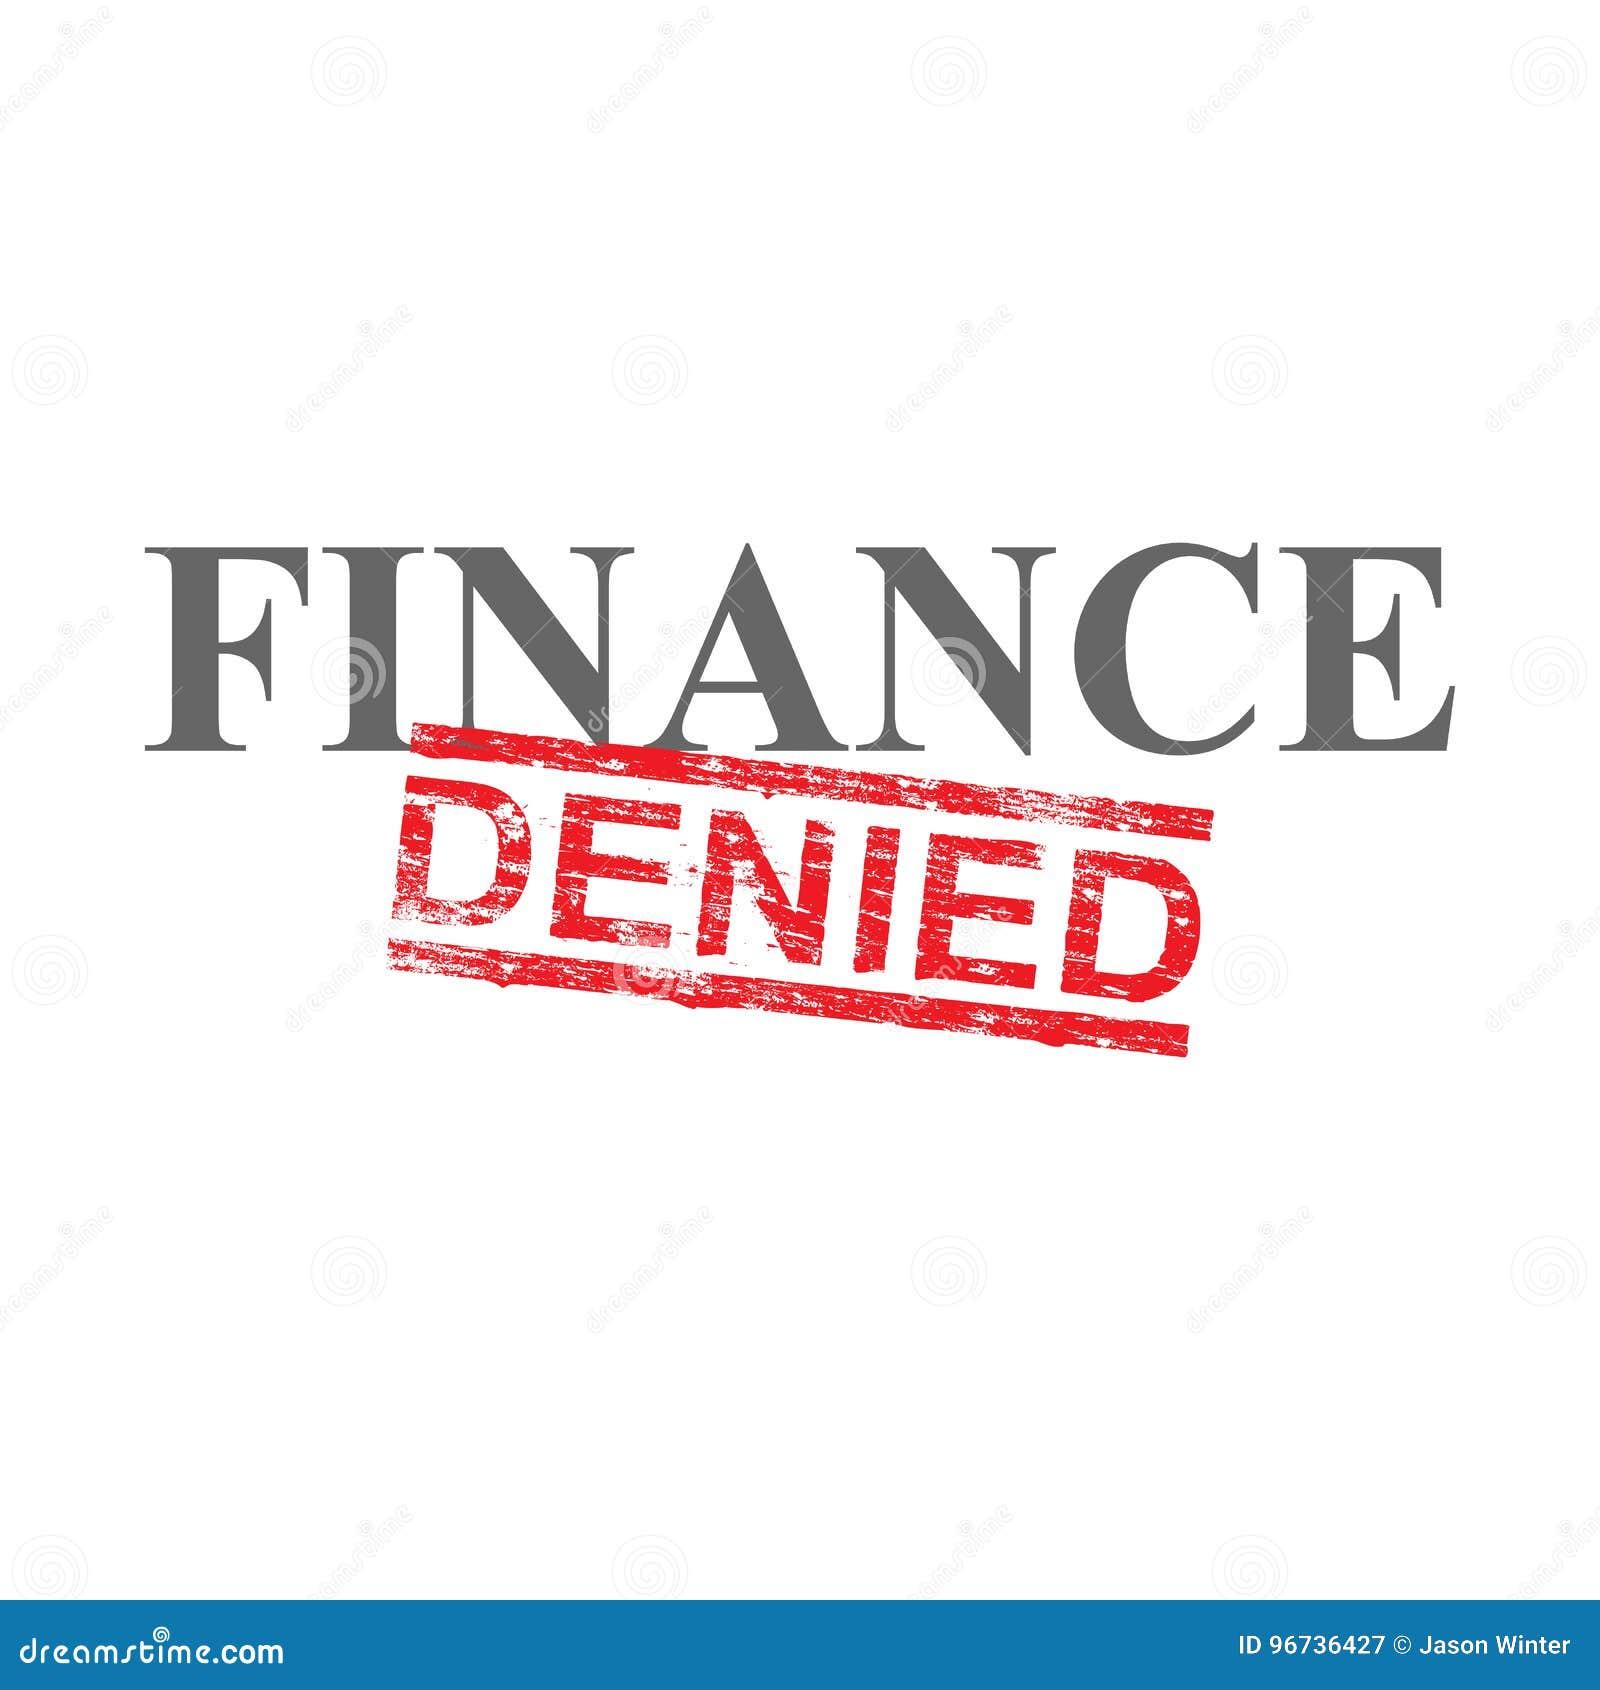 Finance Denied Word Stamp